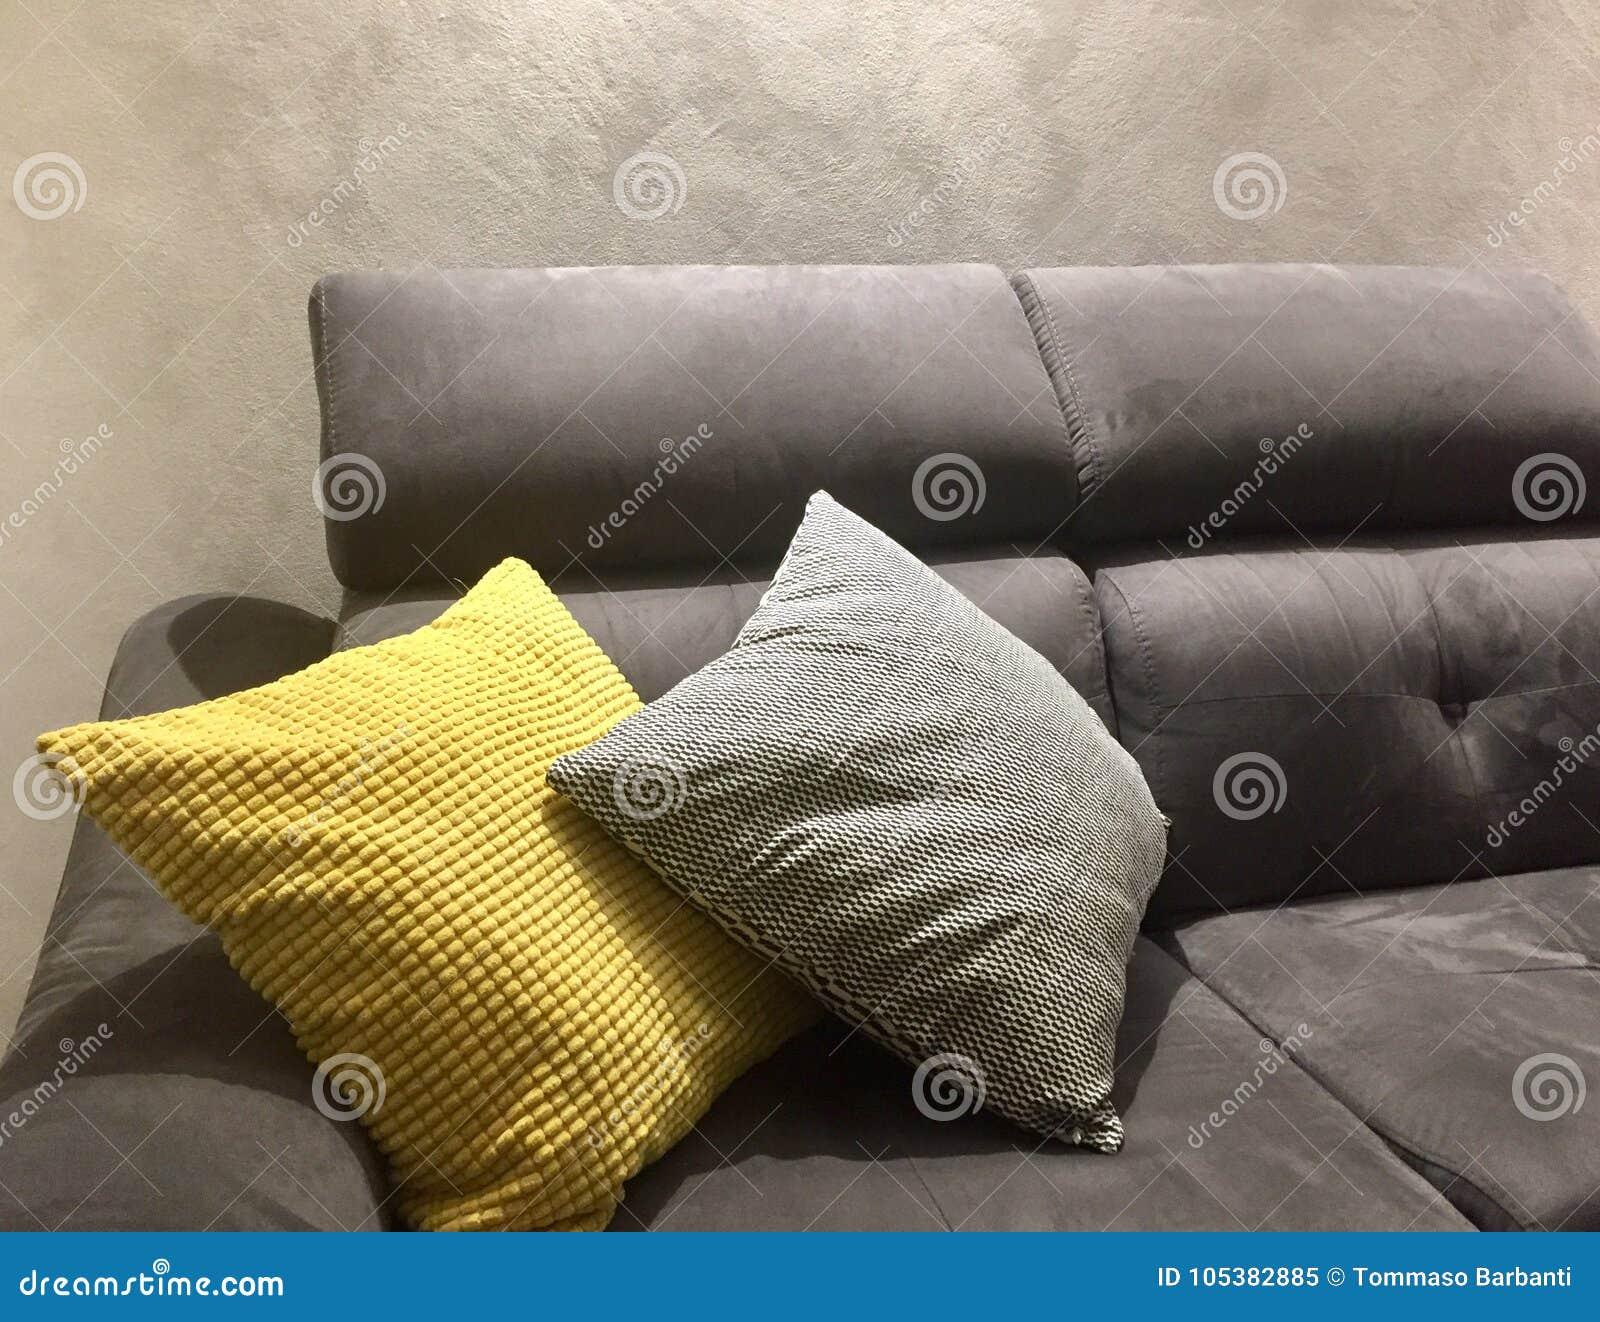 Cuscini Gialli.Sofa Con I Cuscini Gialli E Grigi Immagine Stock Immagine Di